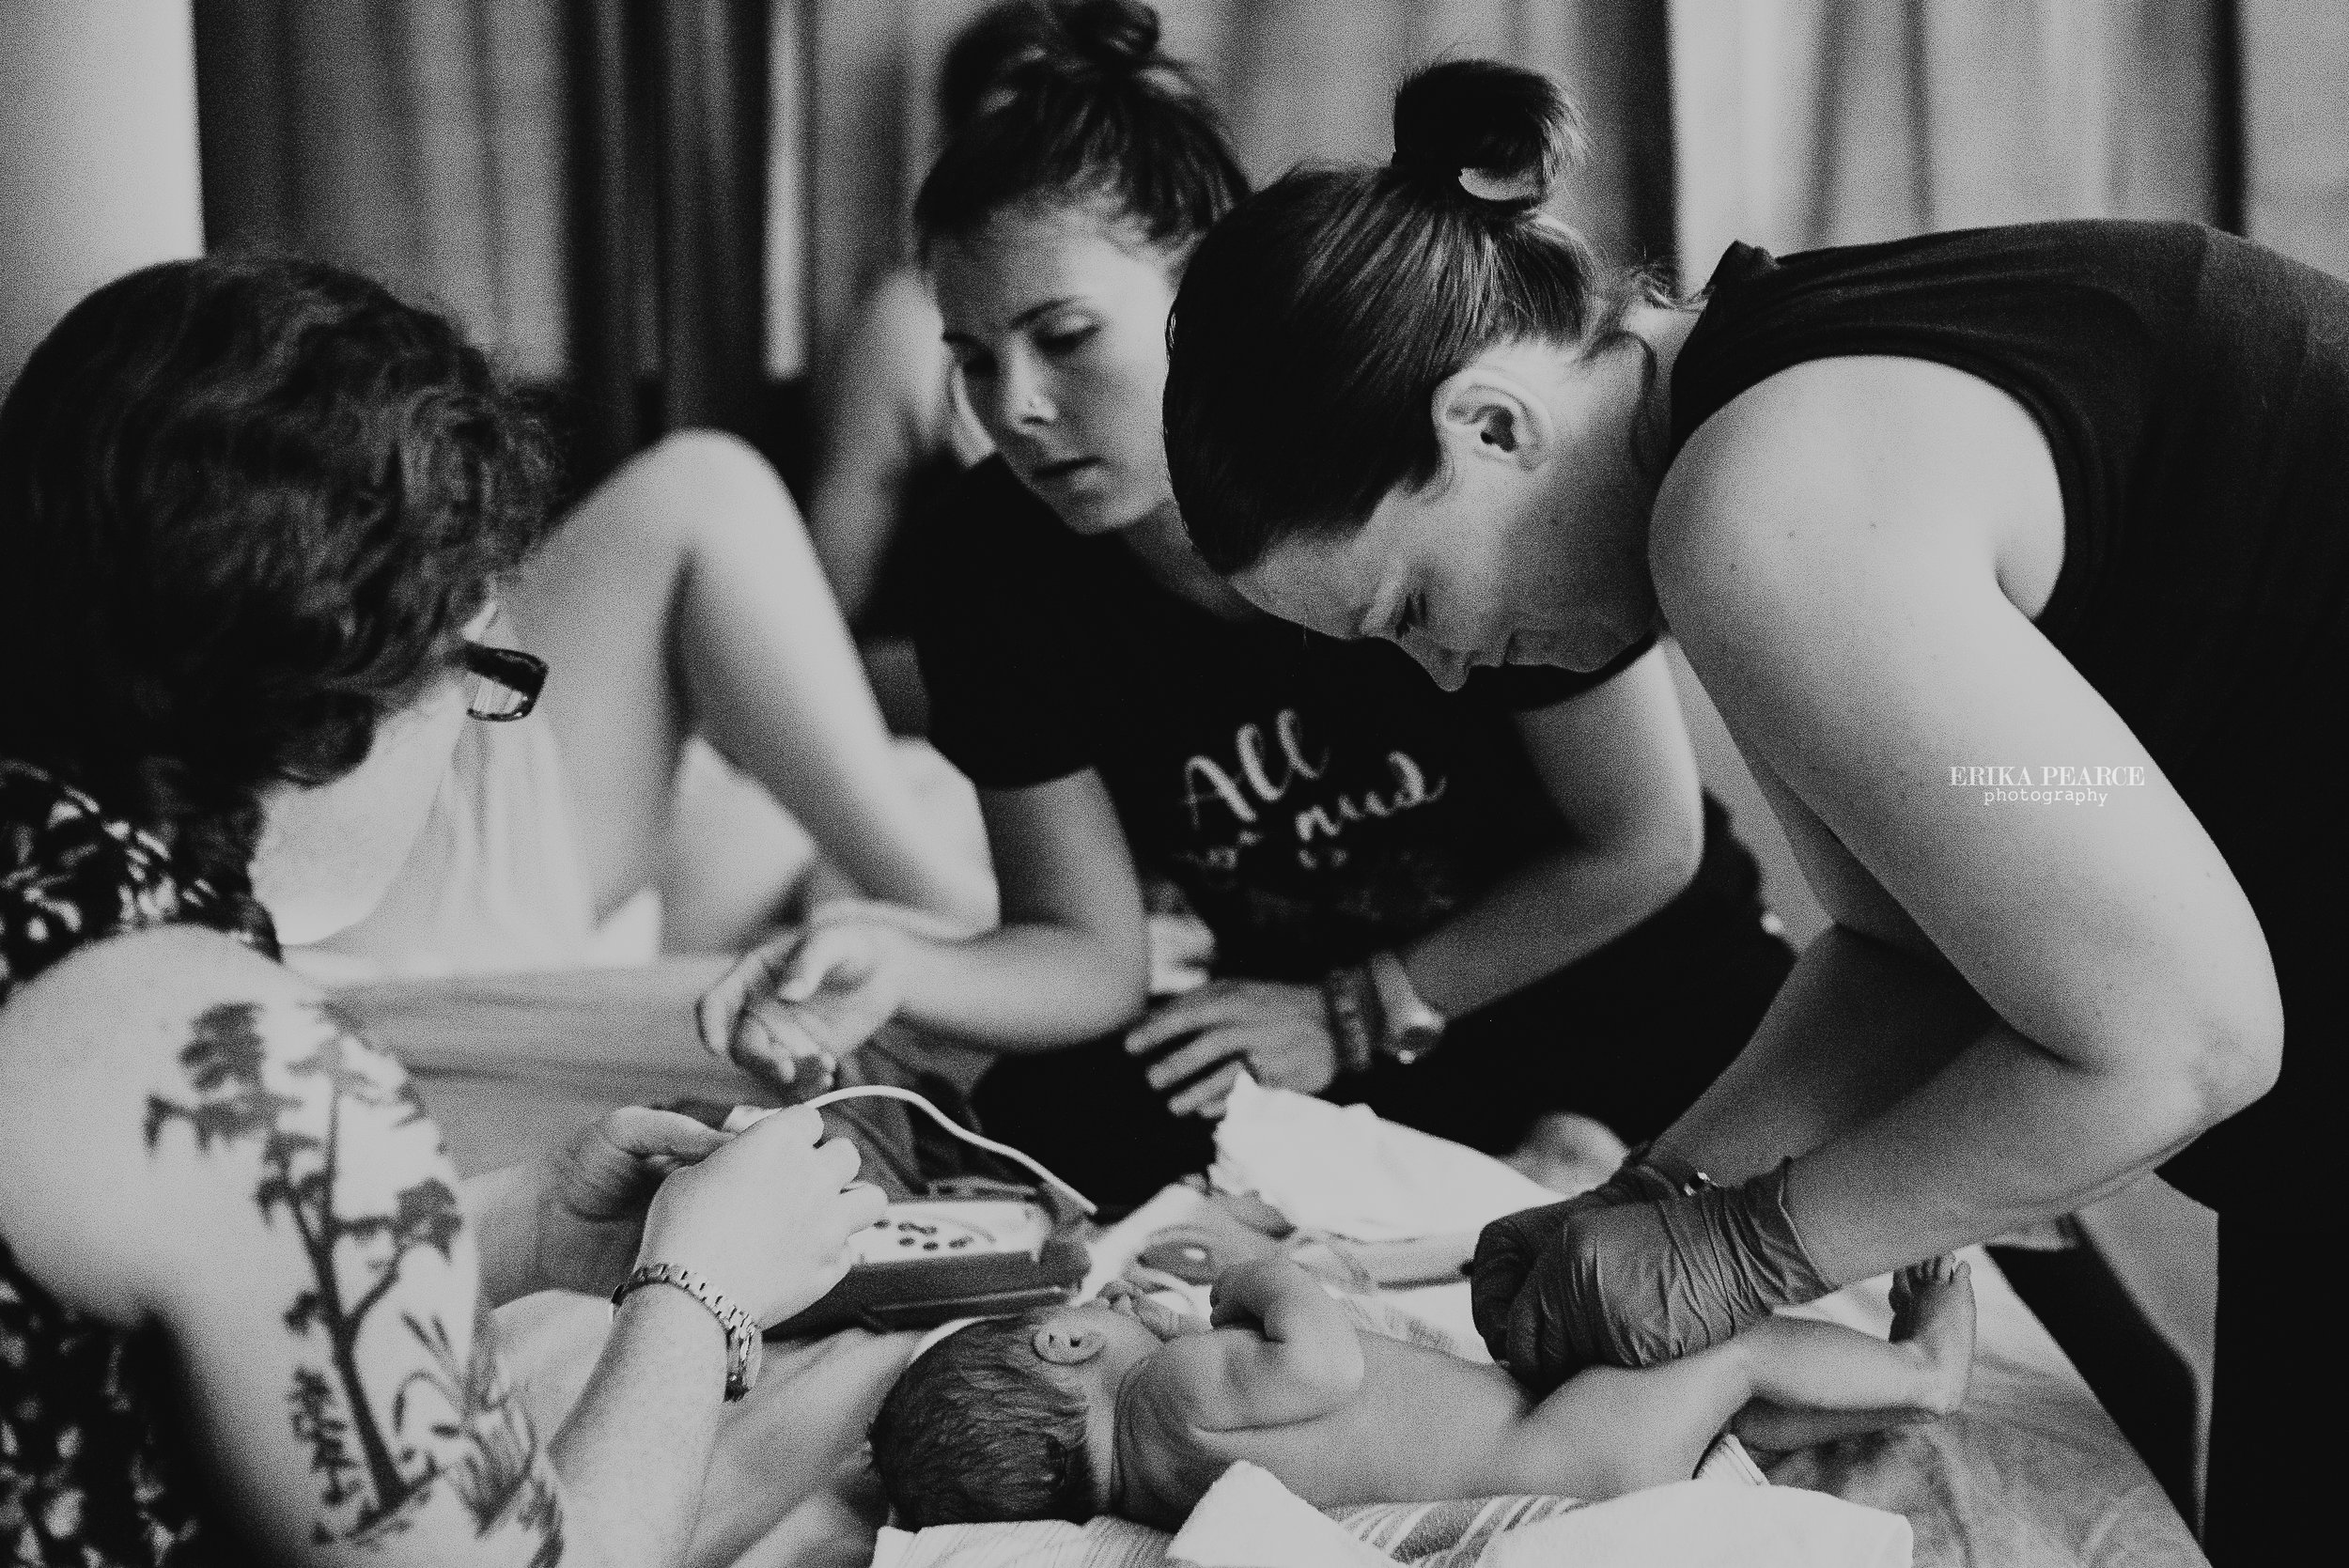 Louisiana Birth Photographer home birth photography covington LA Mandeville LA louisiana birth